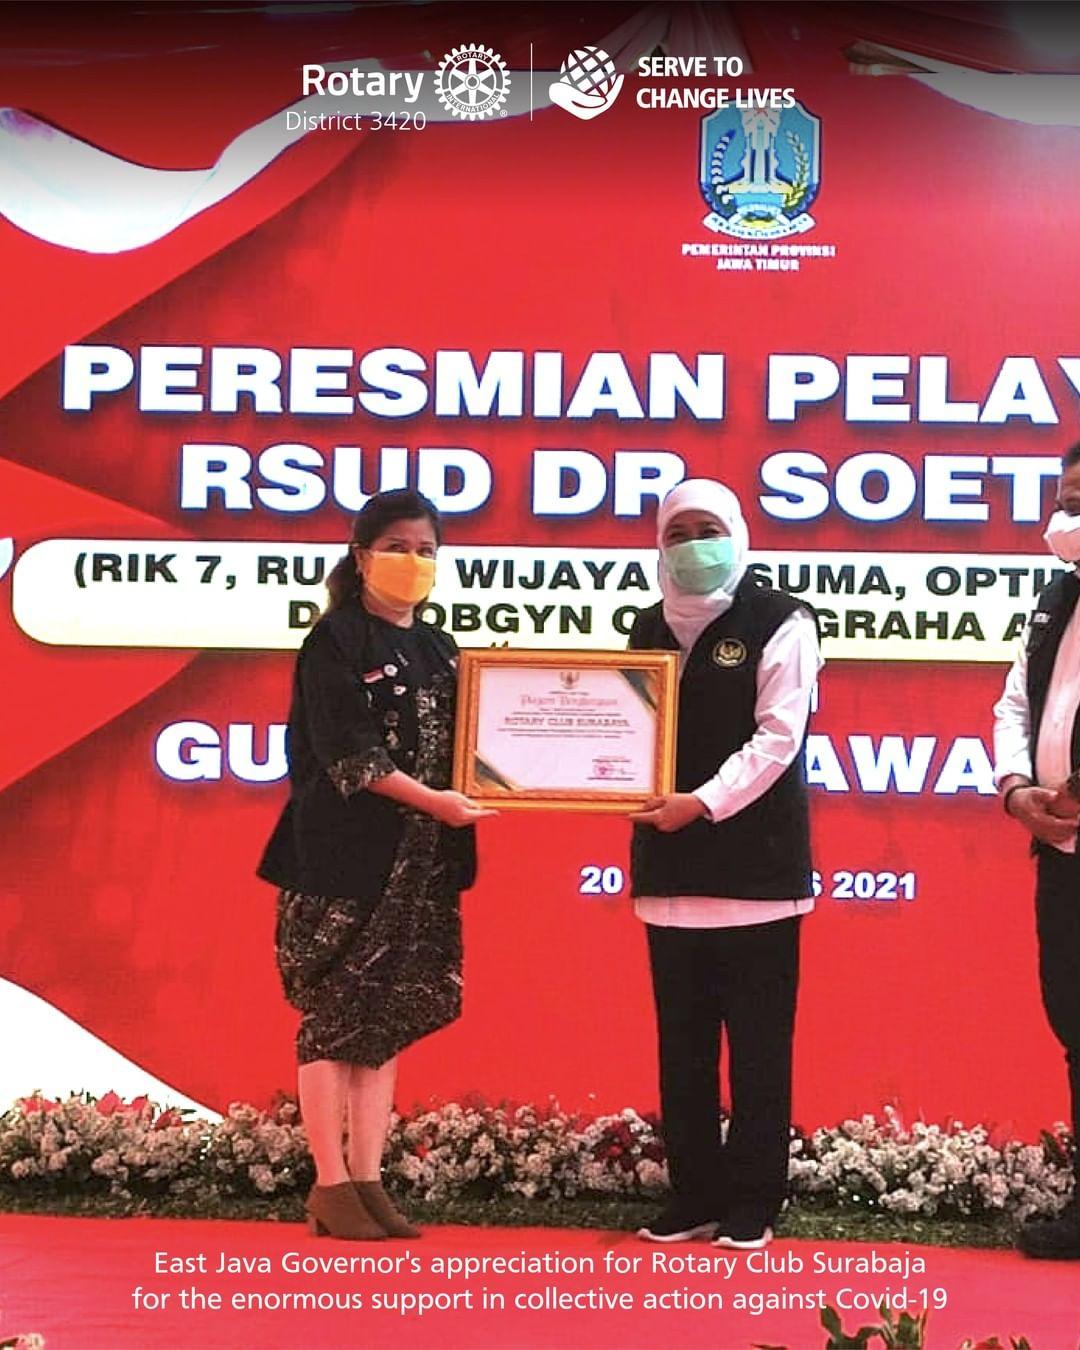 Apresiasi dari Pemerintah Jawa Timur untuk Rotary Surabaja